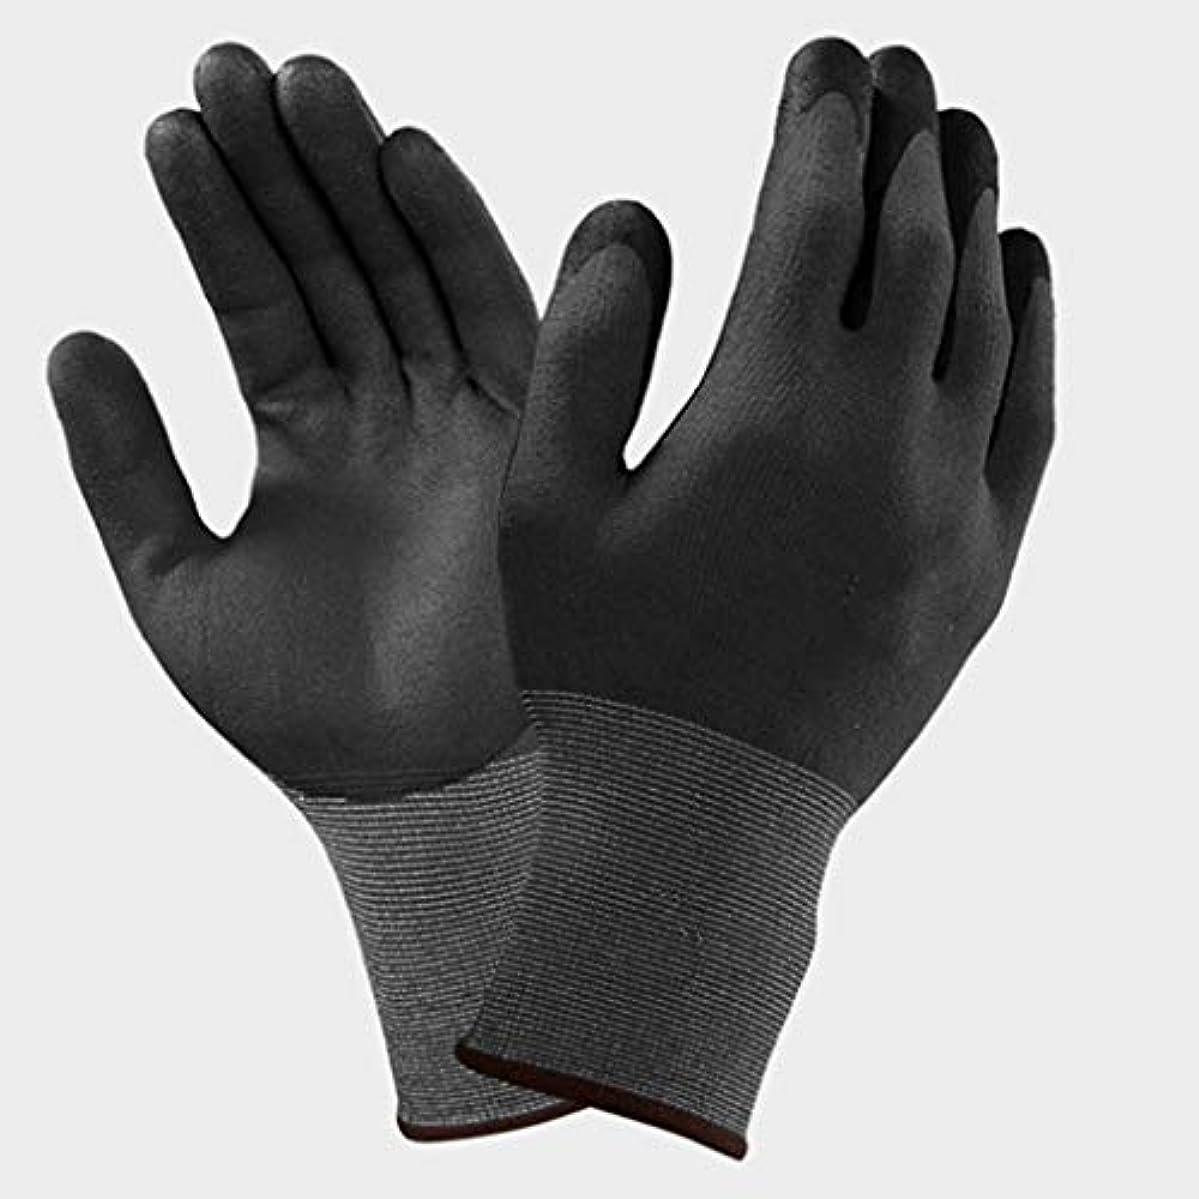 人工的な在庫お手入れQCRLB ニトリルゴム手袋滑り止め、抗カッティングおよび耐摩耗性作業労働者保護手袋多目的用途ブラック ゴム手袋